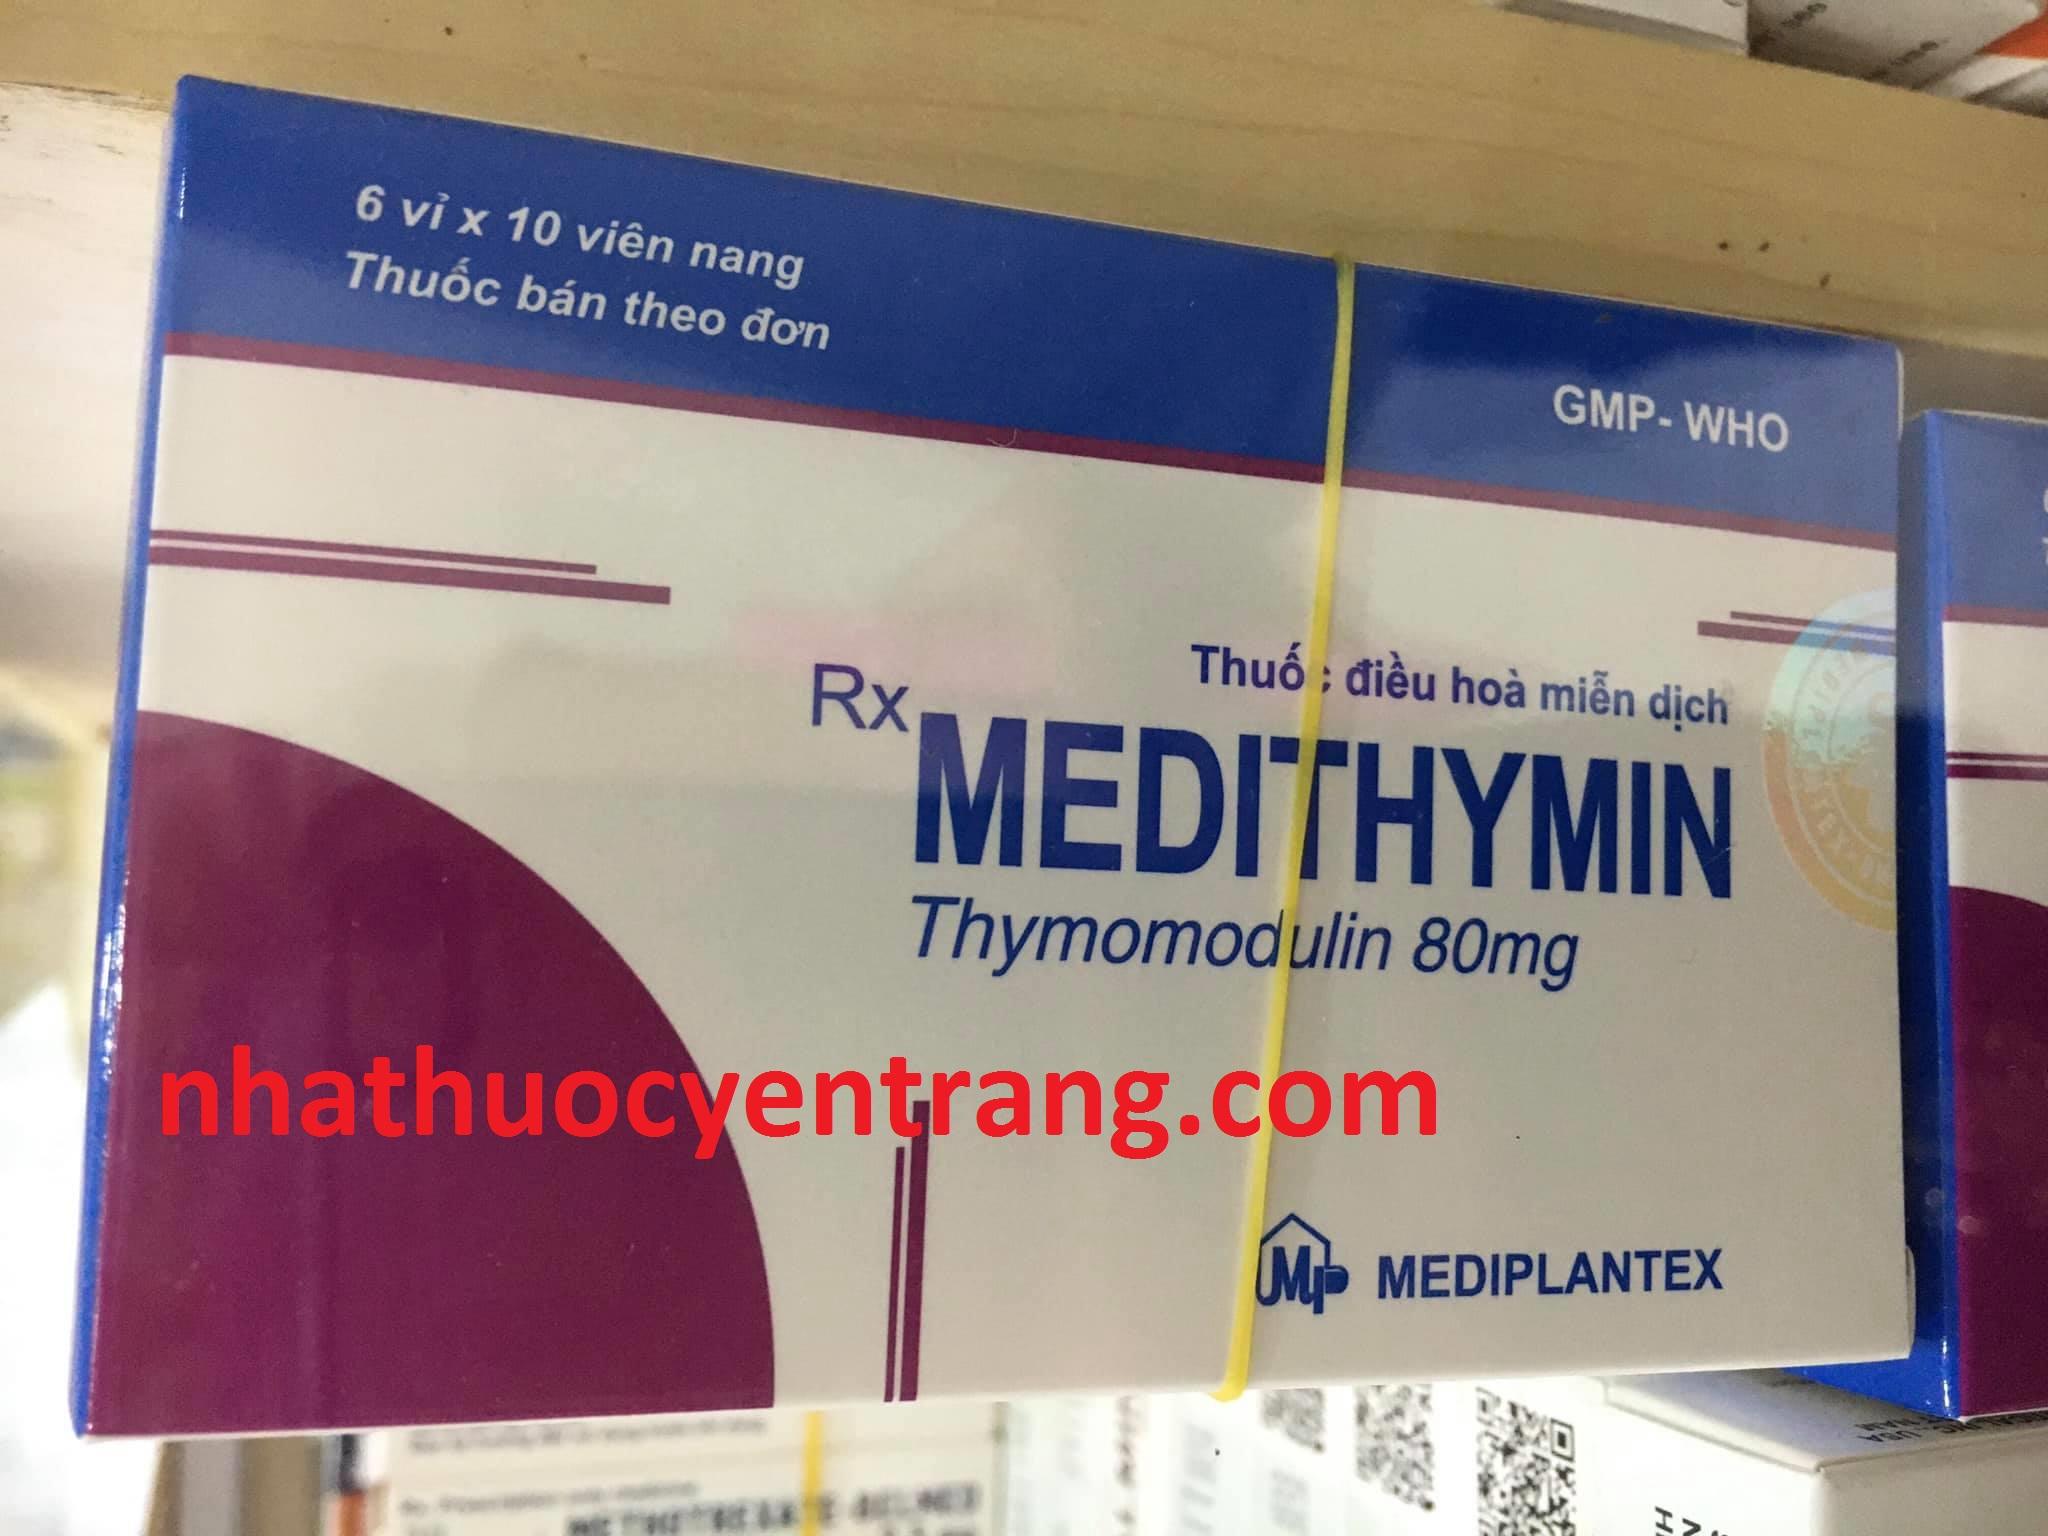 Medithymin